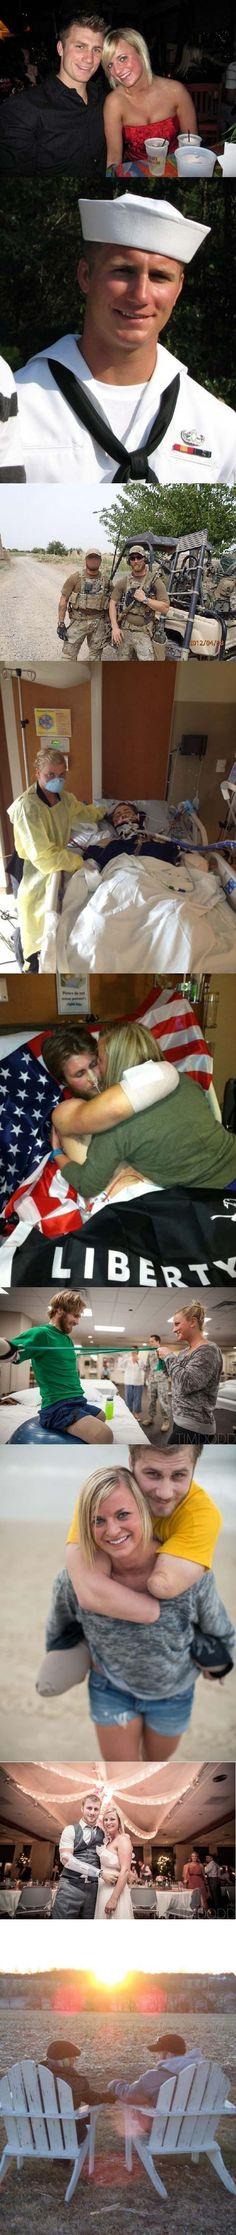 Taylor e Danielle Morris mostram que o amor verdadeiro pode superar qualquer obstáculo. | As 35 fotos mais emocionantes já tiradas